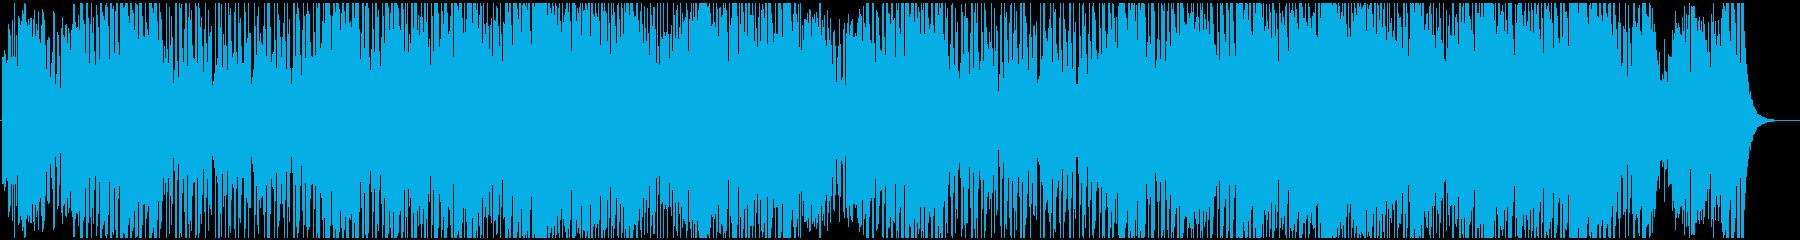 ムーディな色気あるBGMの再生済みの波形